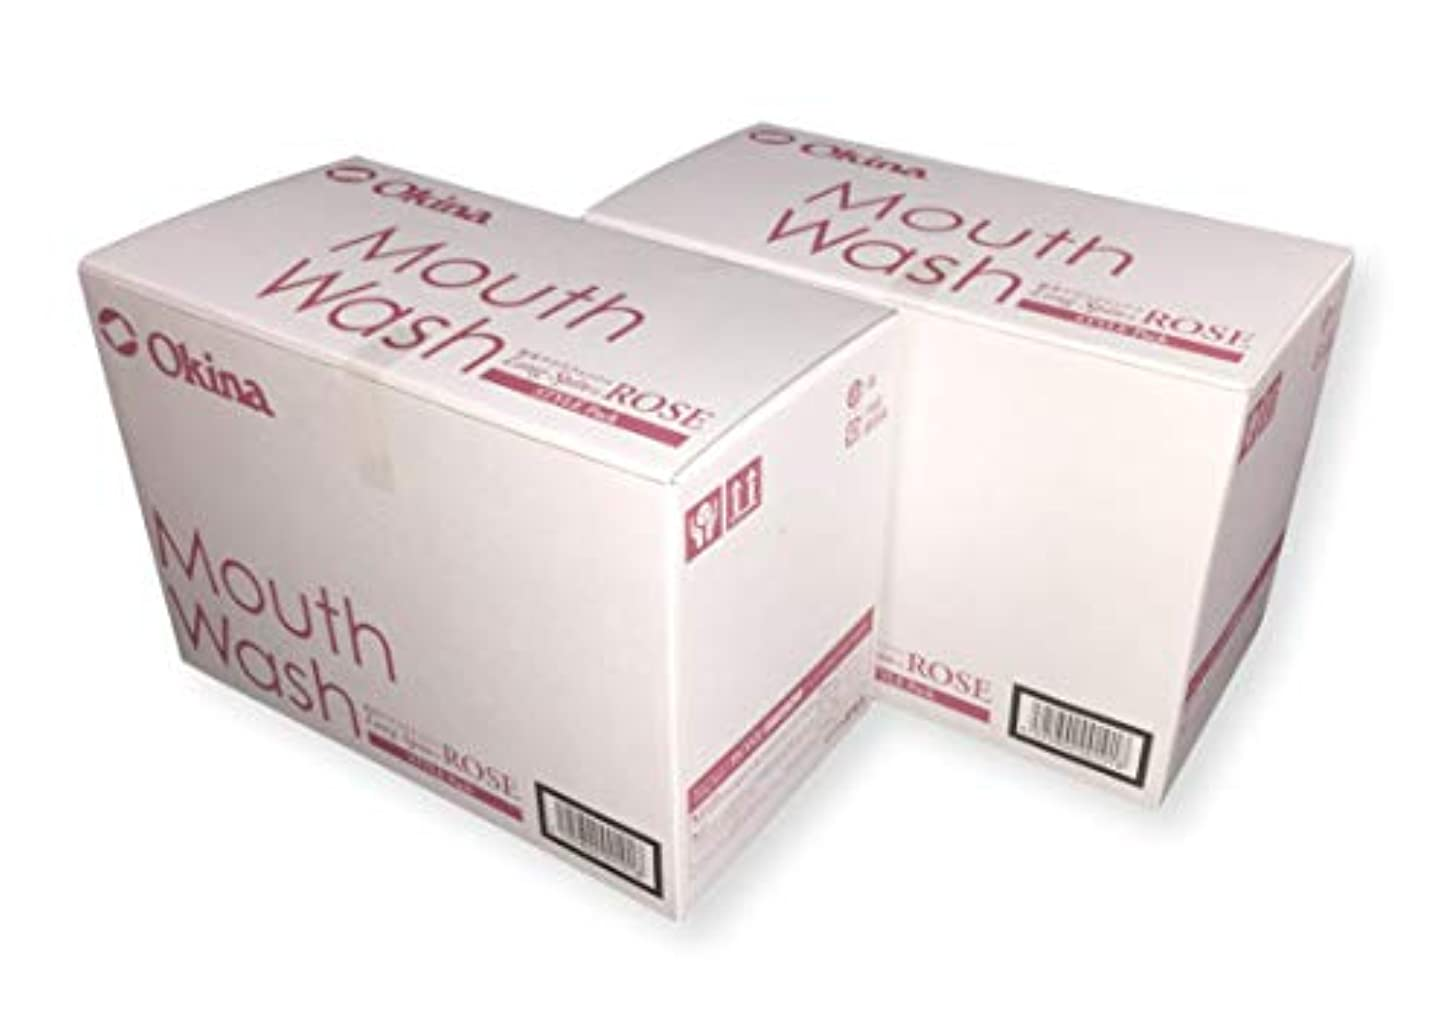 地平線アンテナ日の出オキナ マウスウォッシュ ロングスピン スタイルパック ROSE お得な2箱セット(100入りx2箱) LS-RS